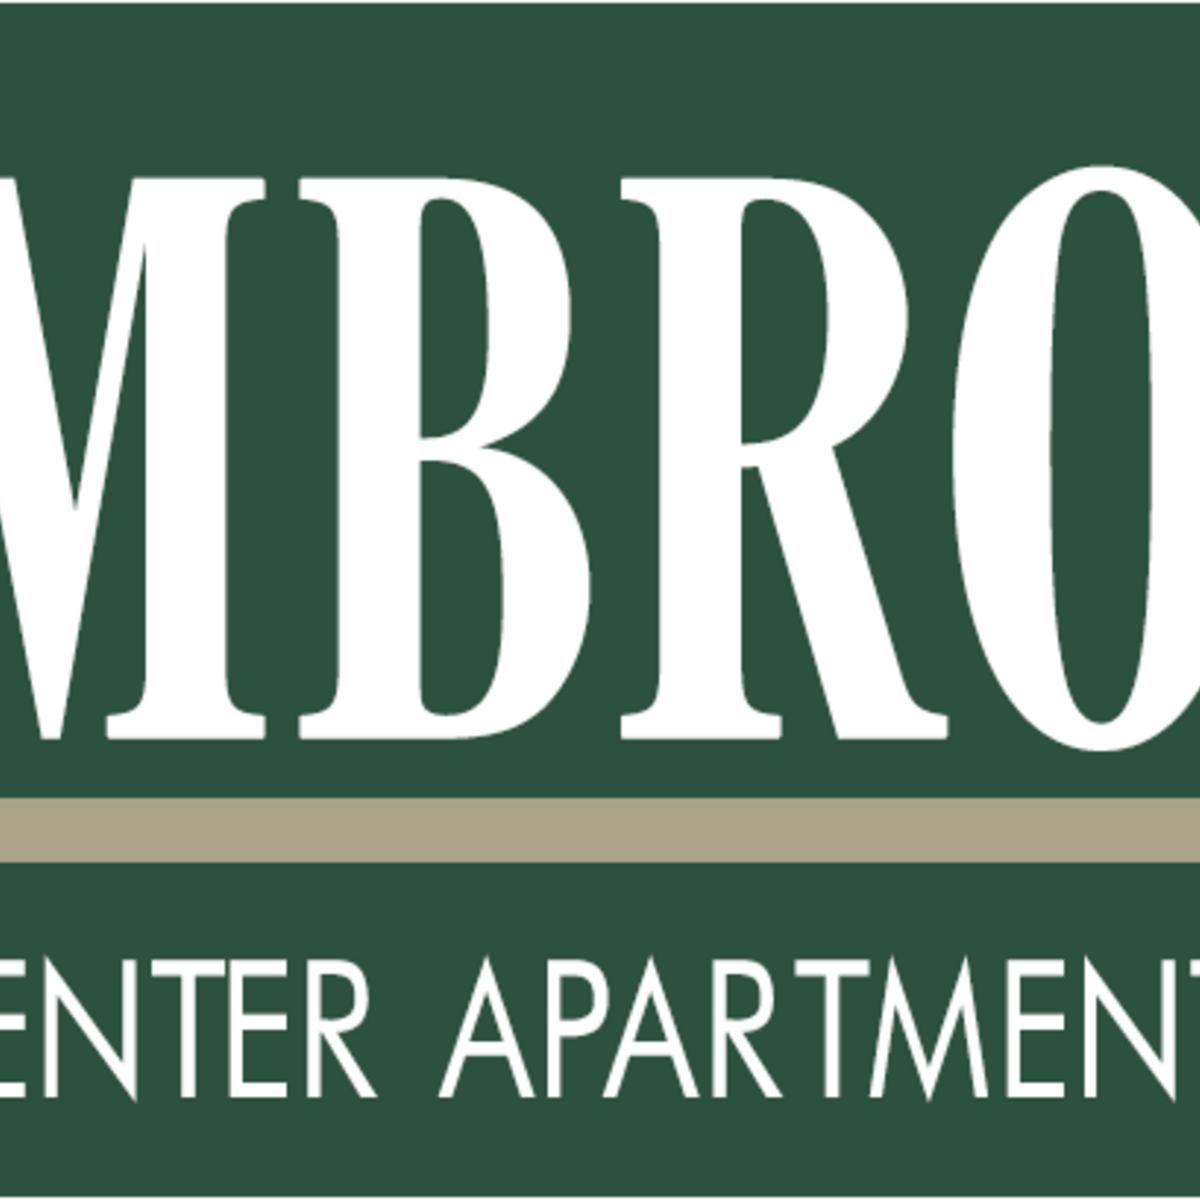 Pembroke Town Center Apartments